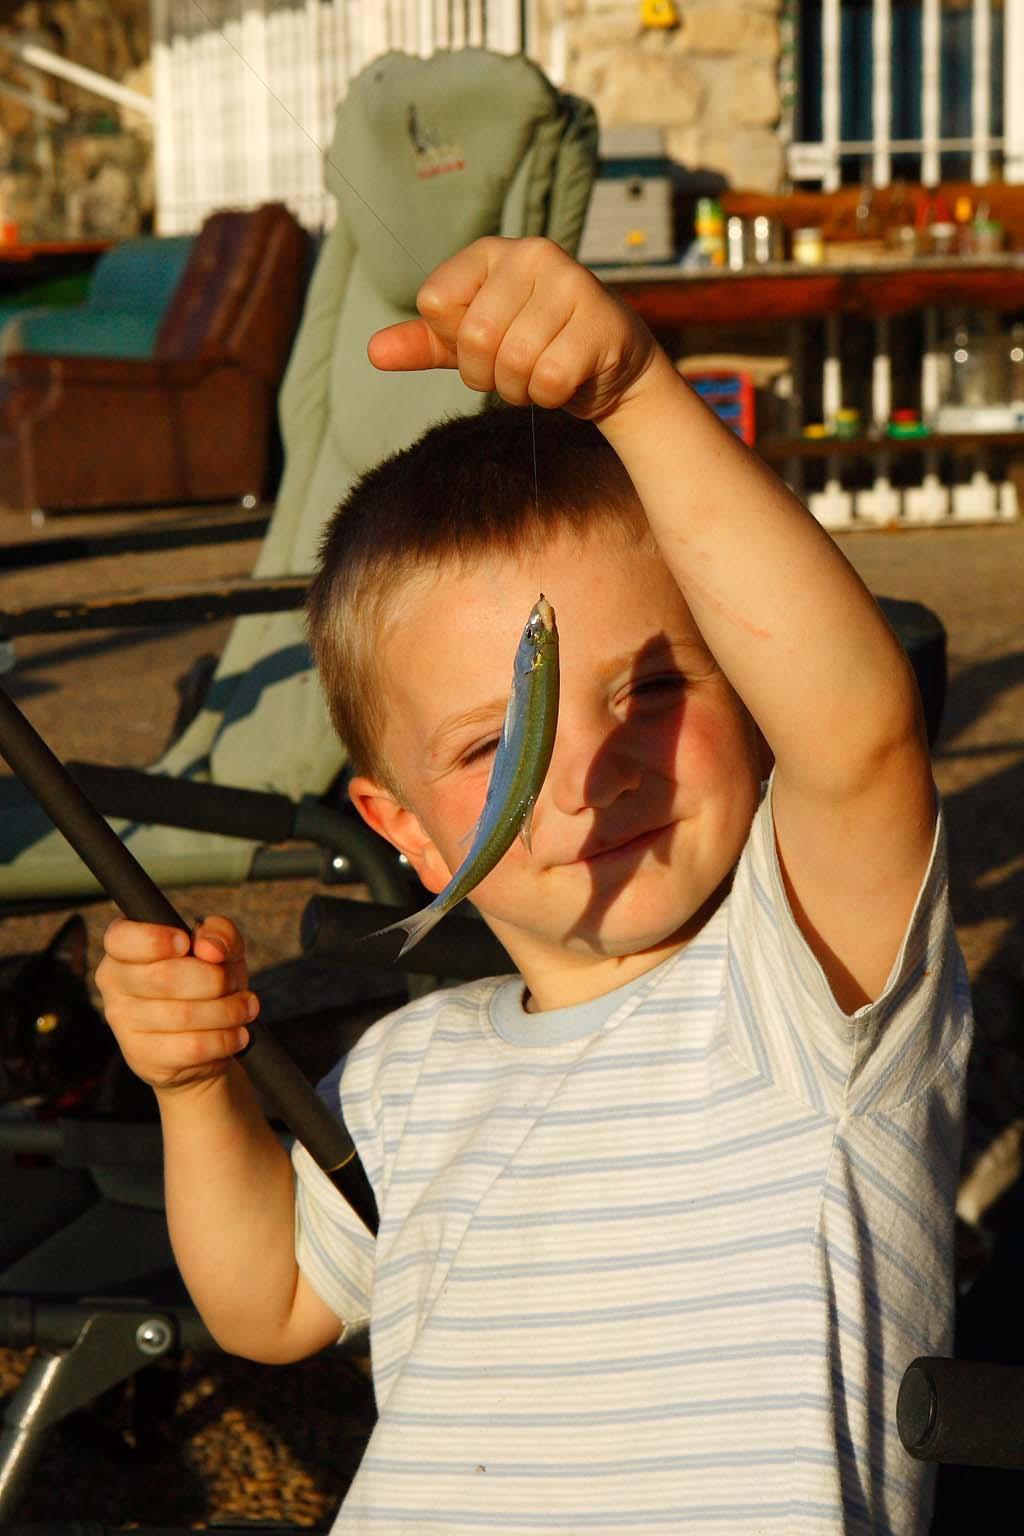 Köderfisch fangen ist kinderleicht und macht dazu noch Spaß. Foto: BLINKER/Portrat